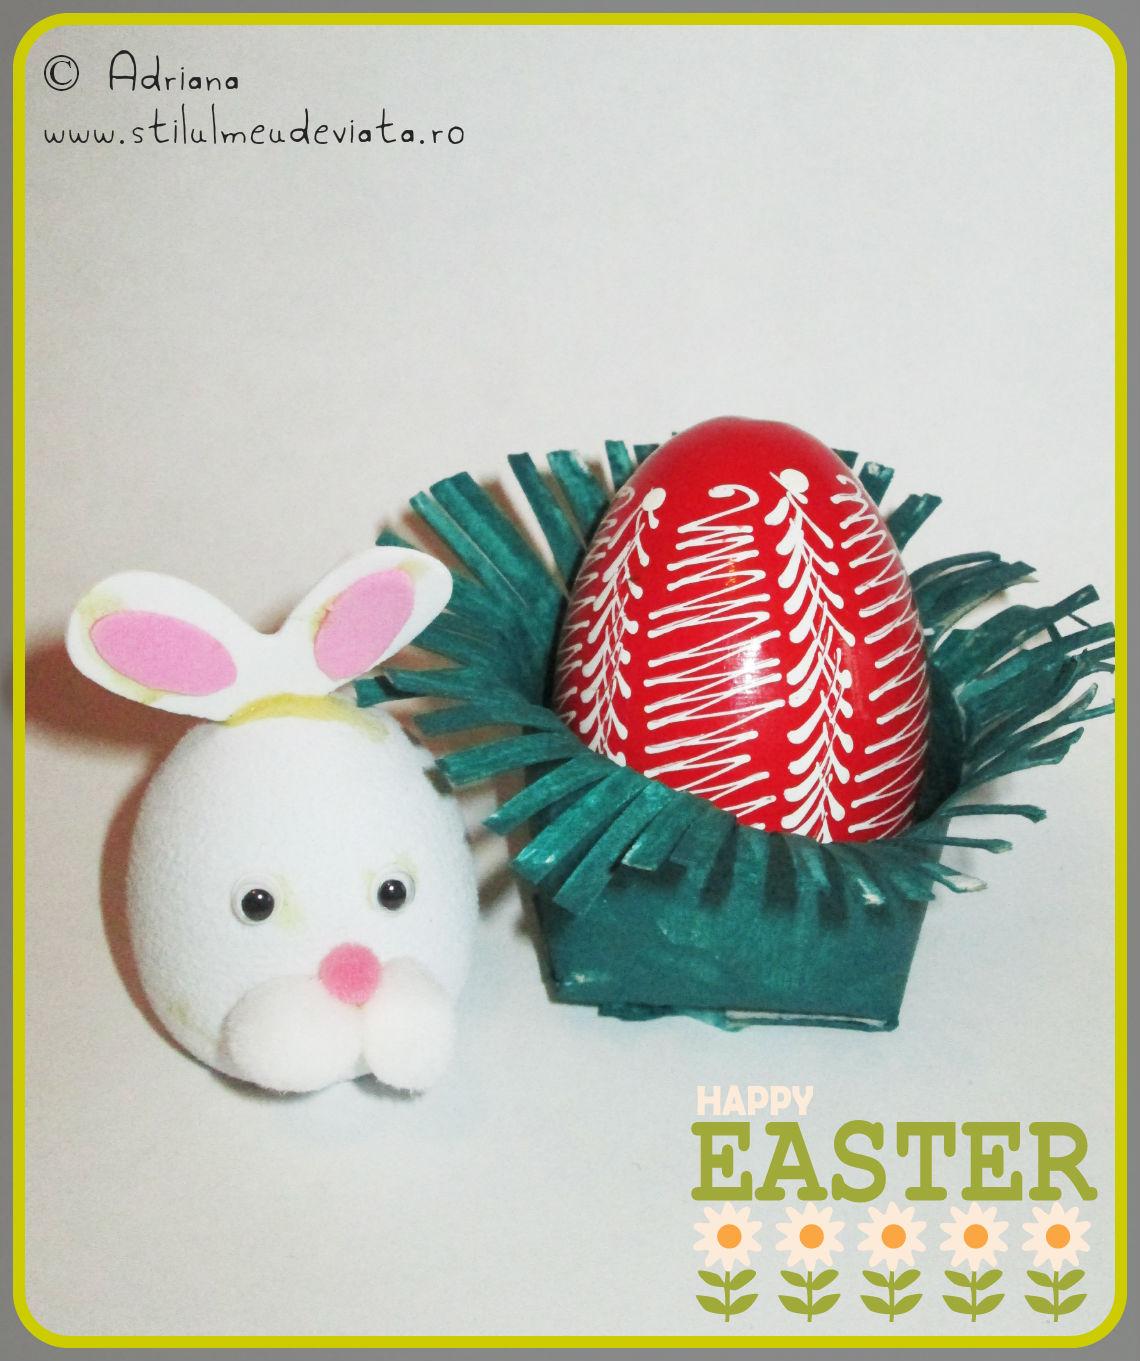 ou roșu rătăcit prin iarba